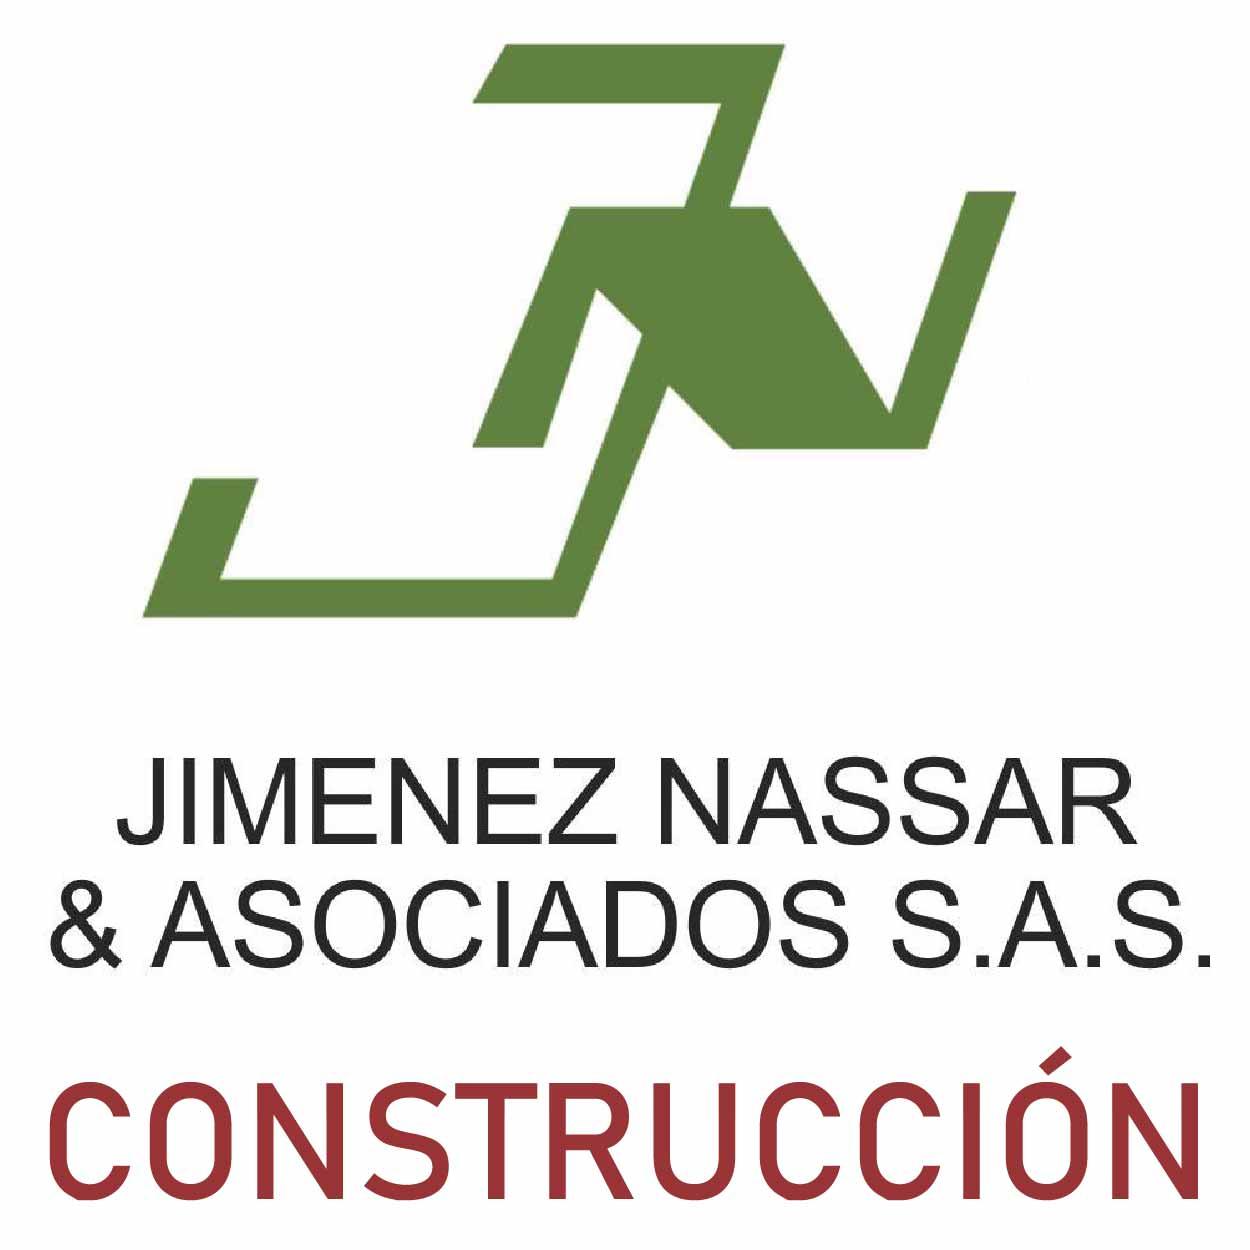 Construccion-01